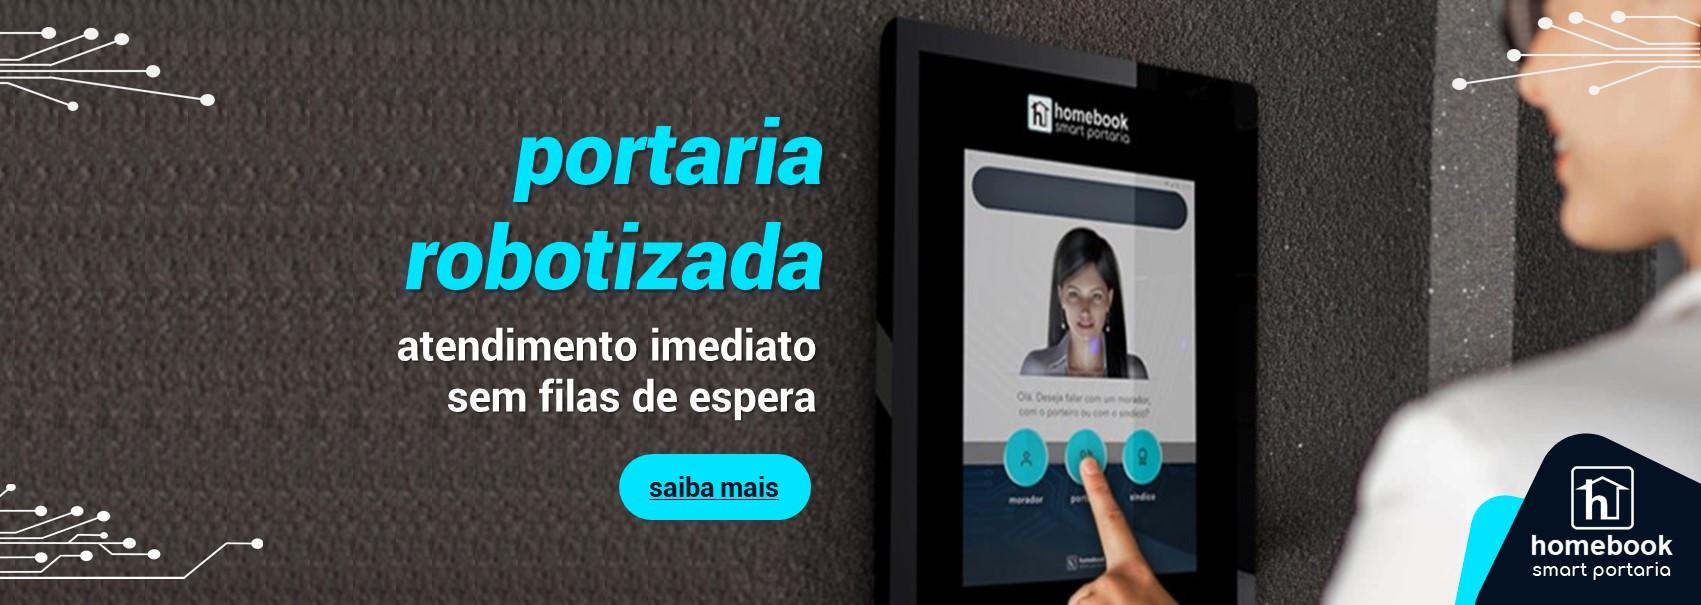 Homebook-Portaria-Remota-Robotizada-Sem-Fila-de-Espera-Atendimento-Imediato